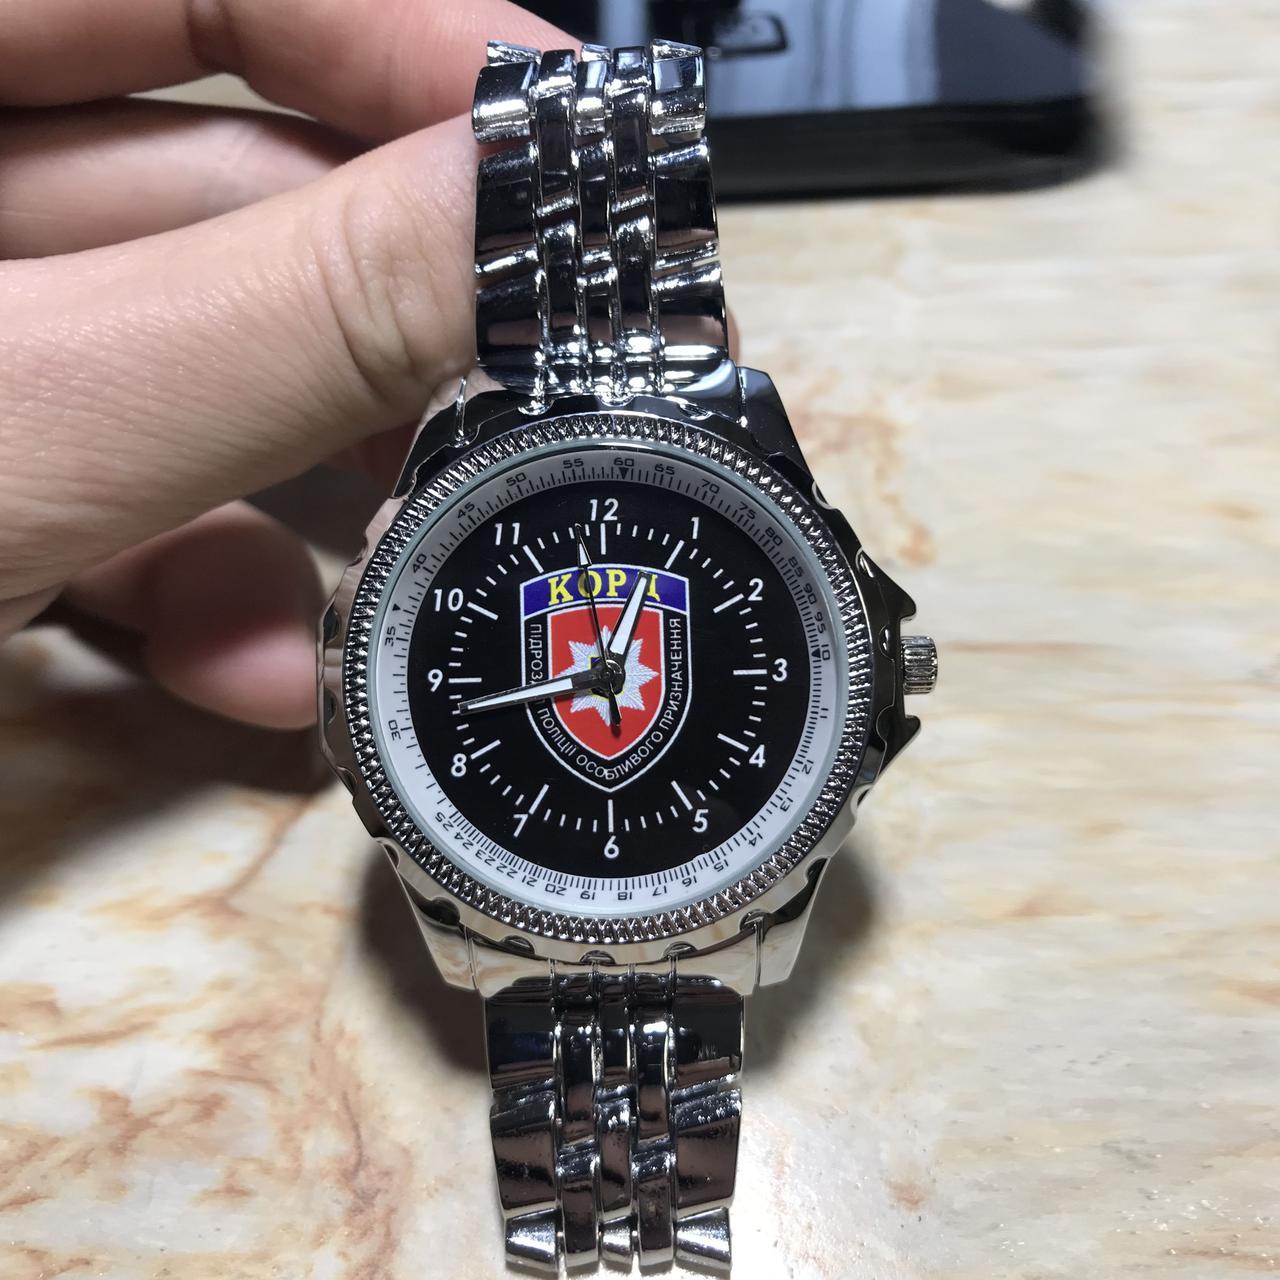 Годинники наручні з логотипом КОРД (Корпус Оперативно-Раптової Дії)